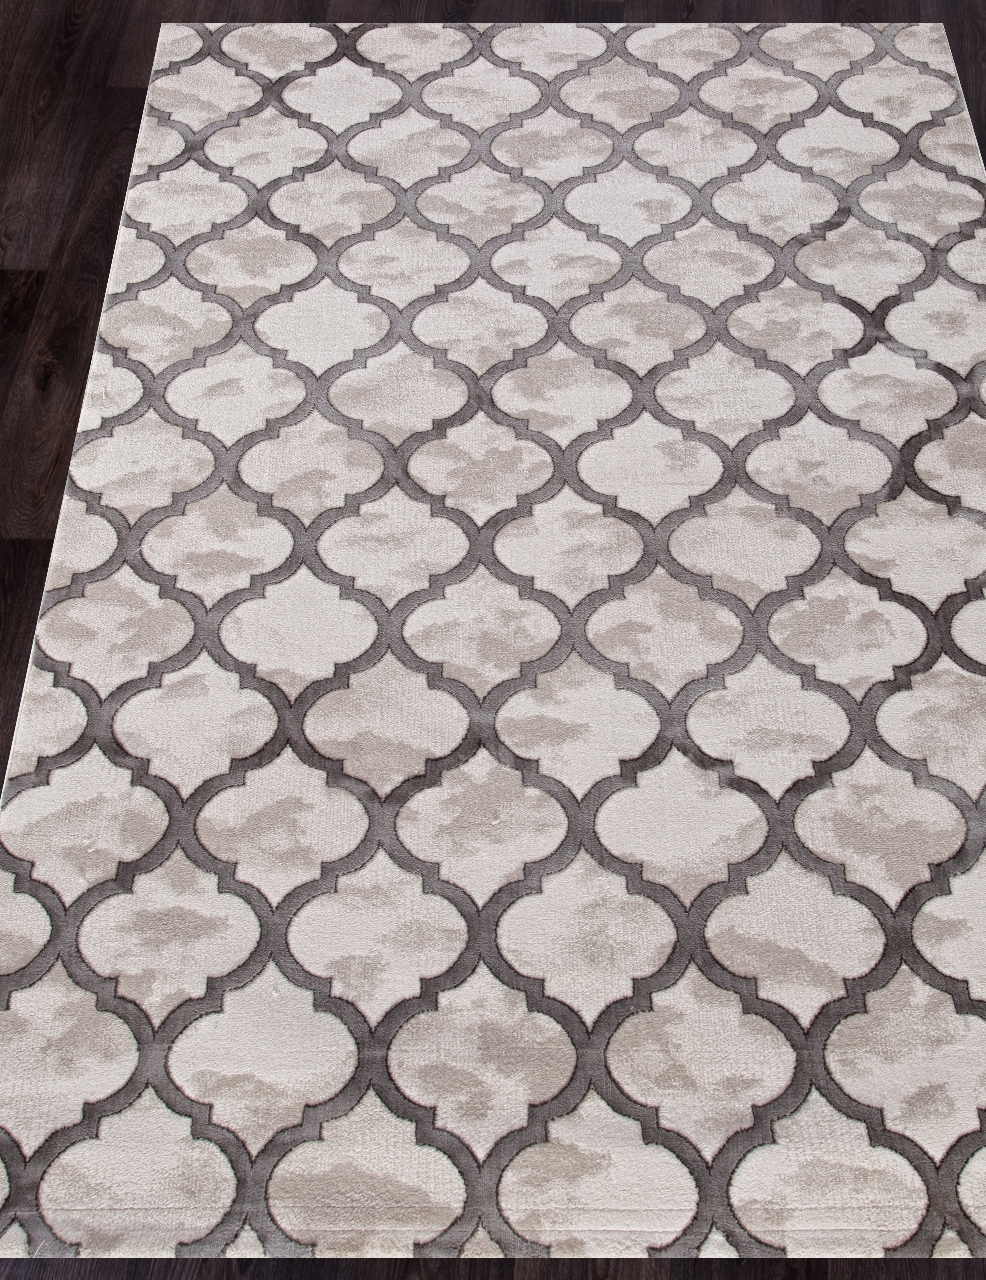 Ковер P0066 - L.GRAY / L.GRAY - Прямоугольник - коллекция STAR